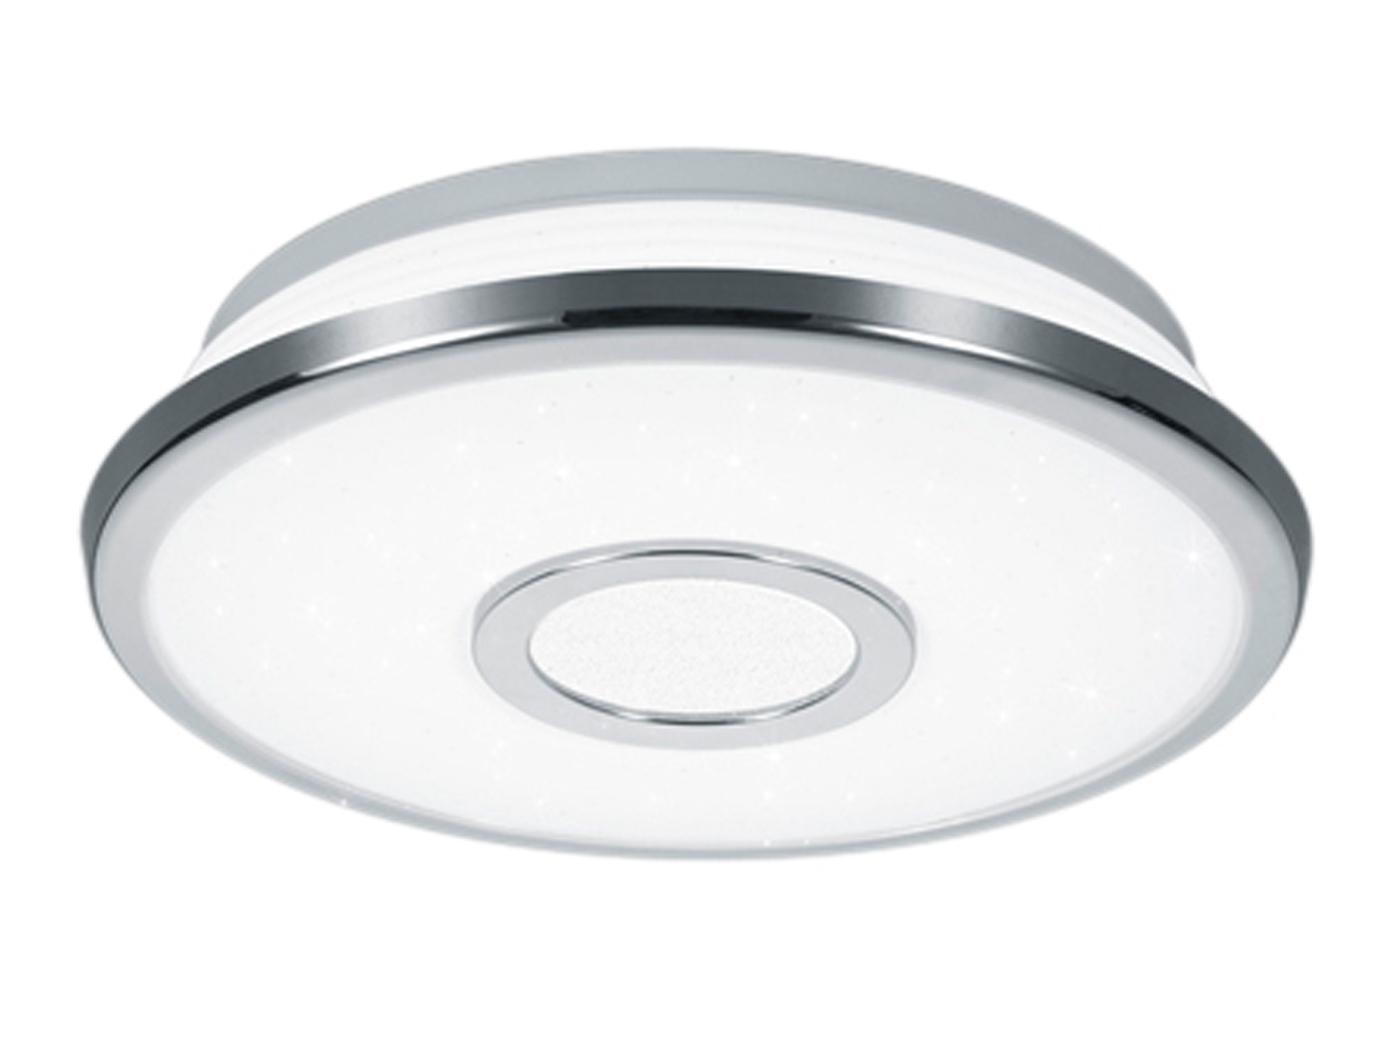 Runde LED Deckenleuchte mit Switch-Dimmer Ø 21cm weiß Sternhimmel -  Schlafzimmer